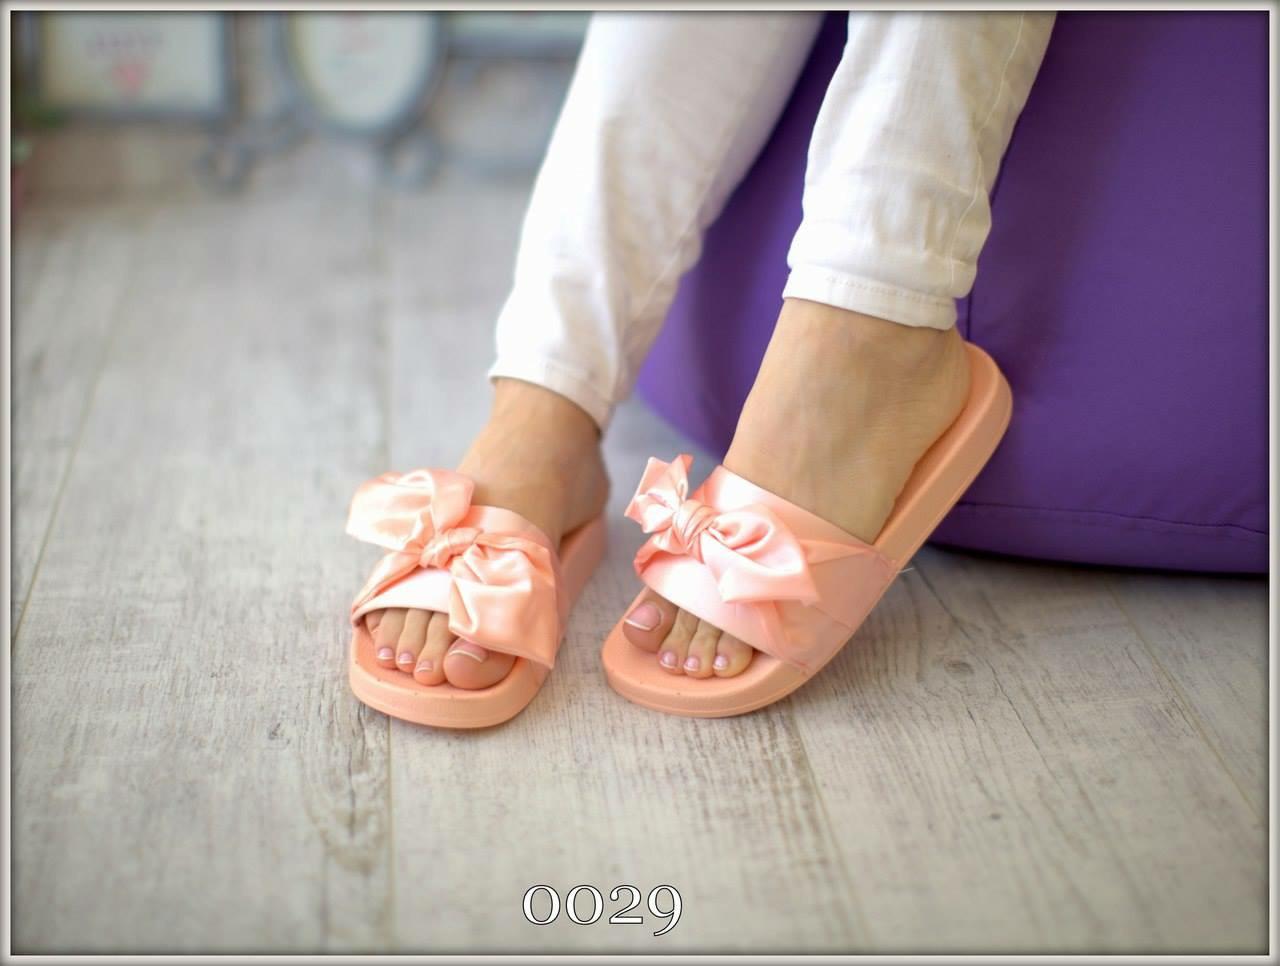 Шлепки атласный бант розоовые Puma Fenty - IQueen - интернет-магазин  женской обуви в Ужгороде 7eefa0de9df